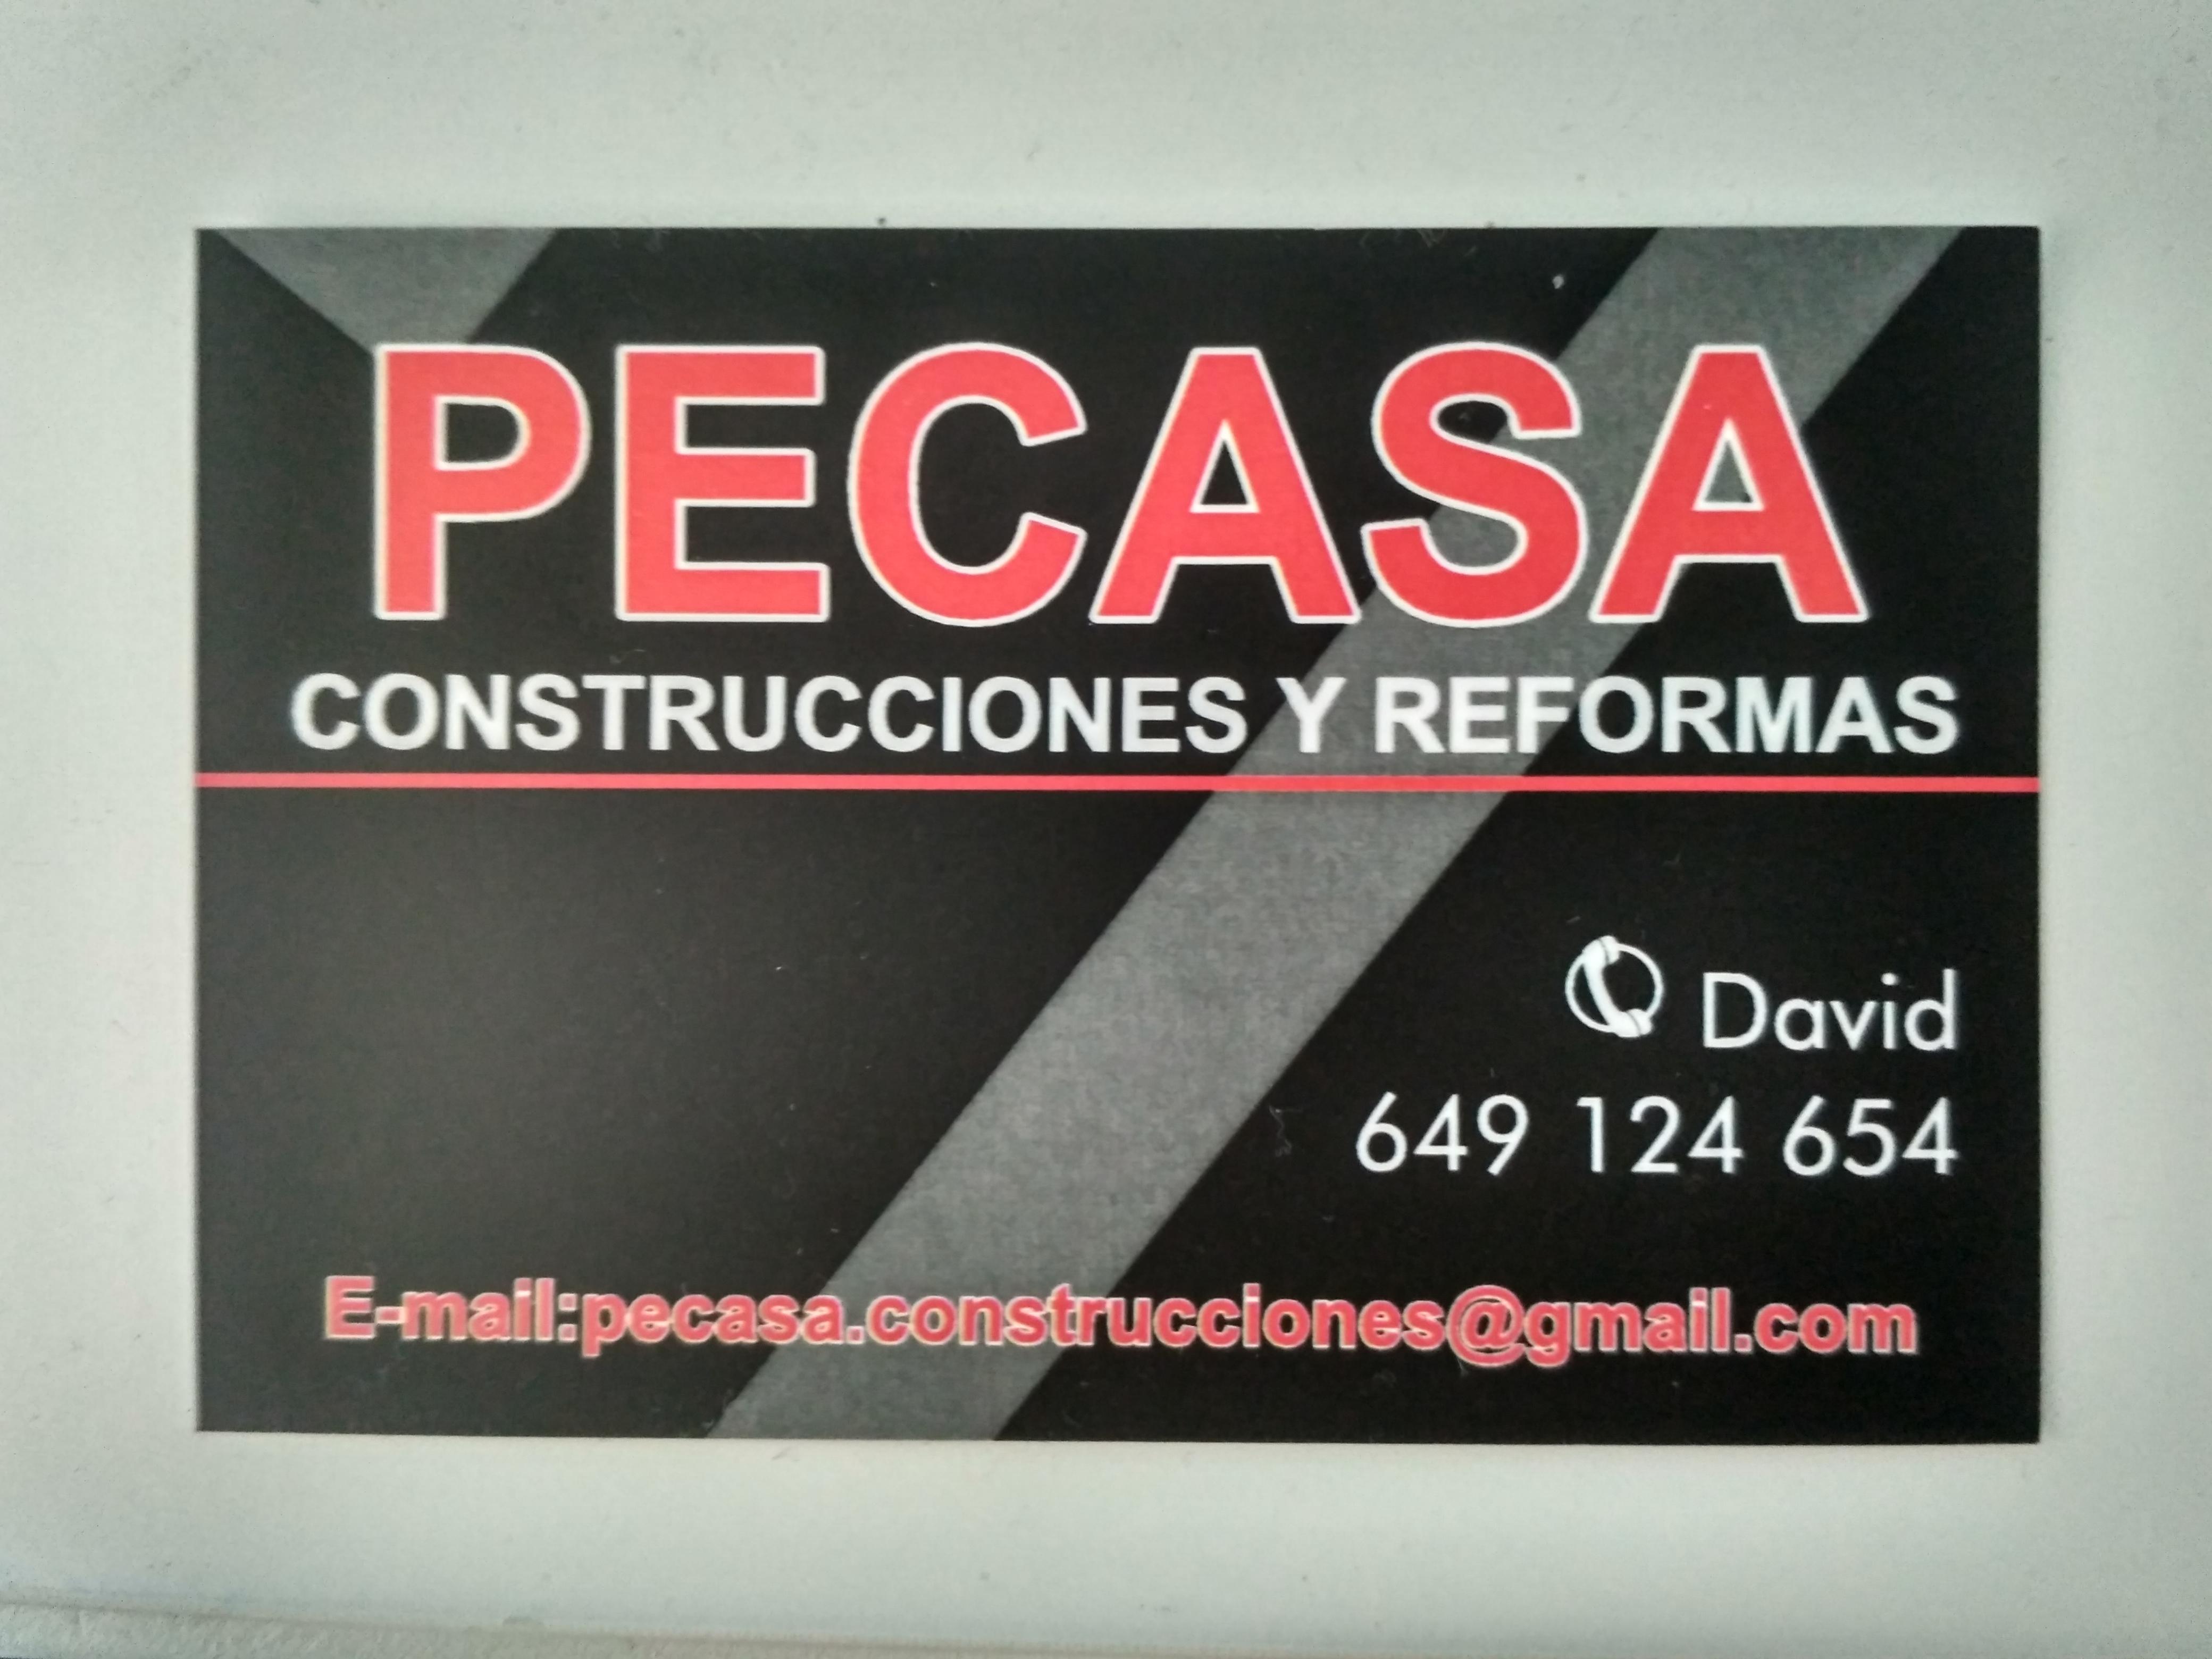 Pecasa Construcciones Y Reformas